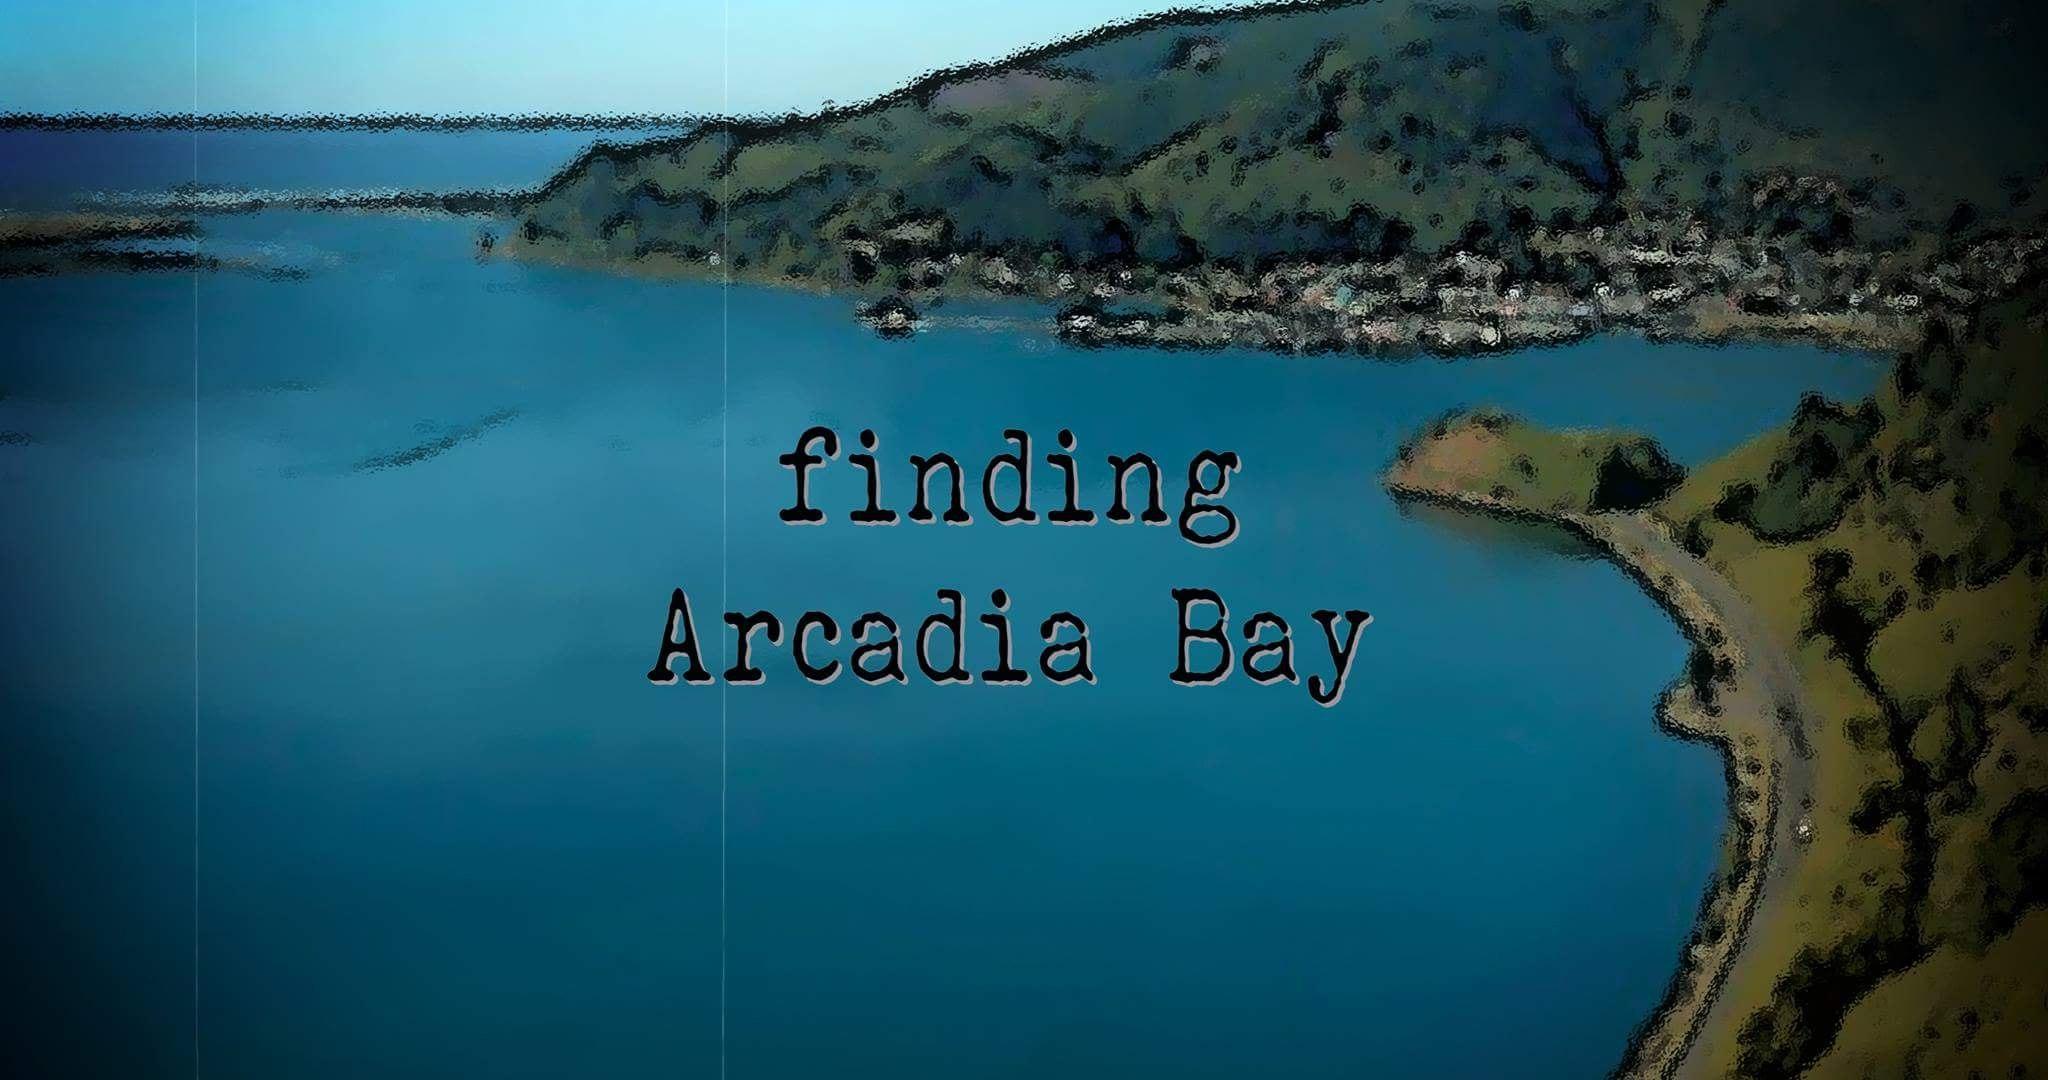 Кадр из документального фильма «В поисках Аркадия Бэй» (Finding Arcadia Bay)